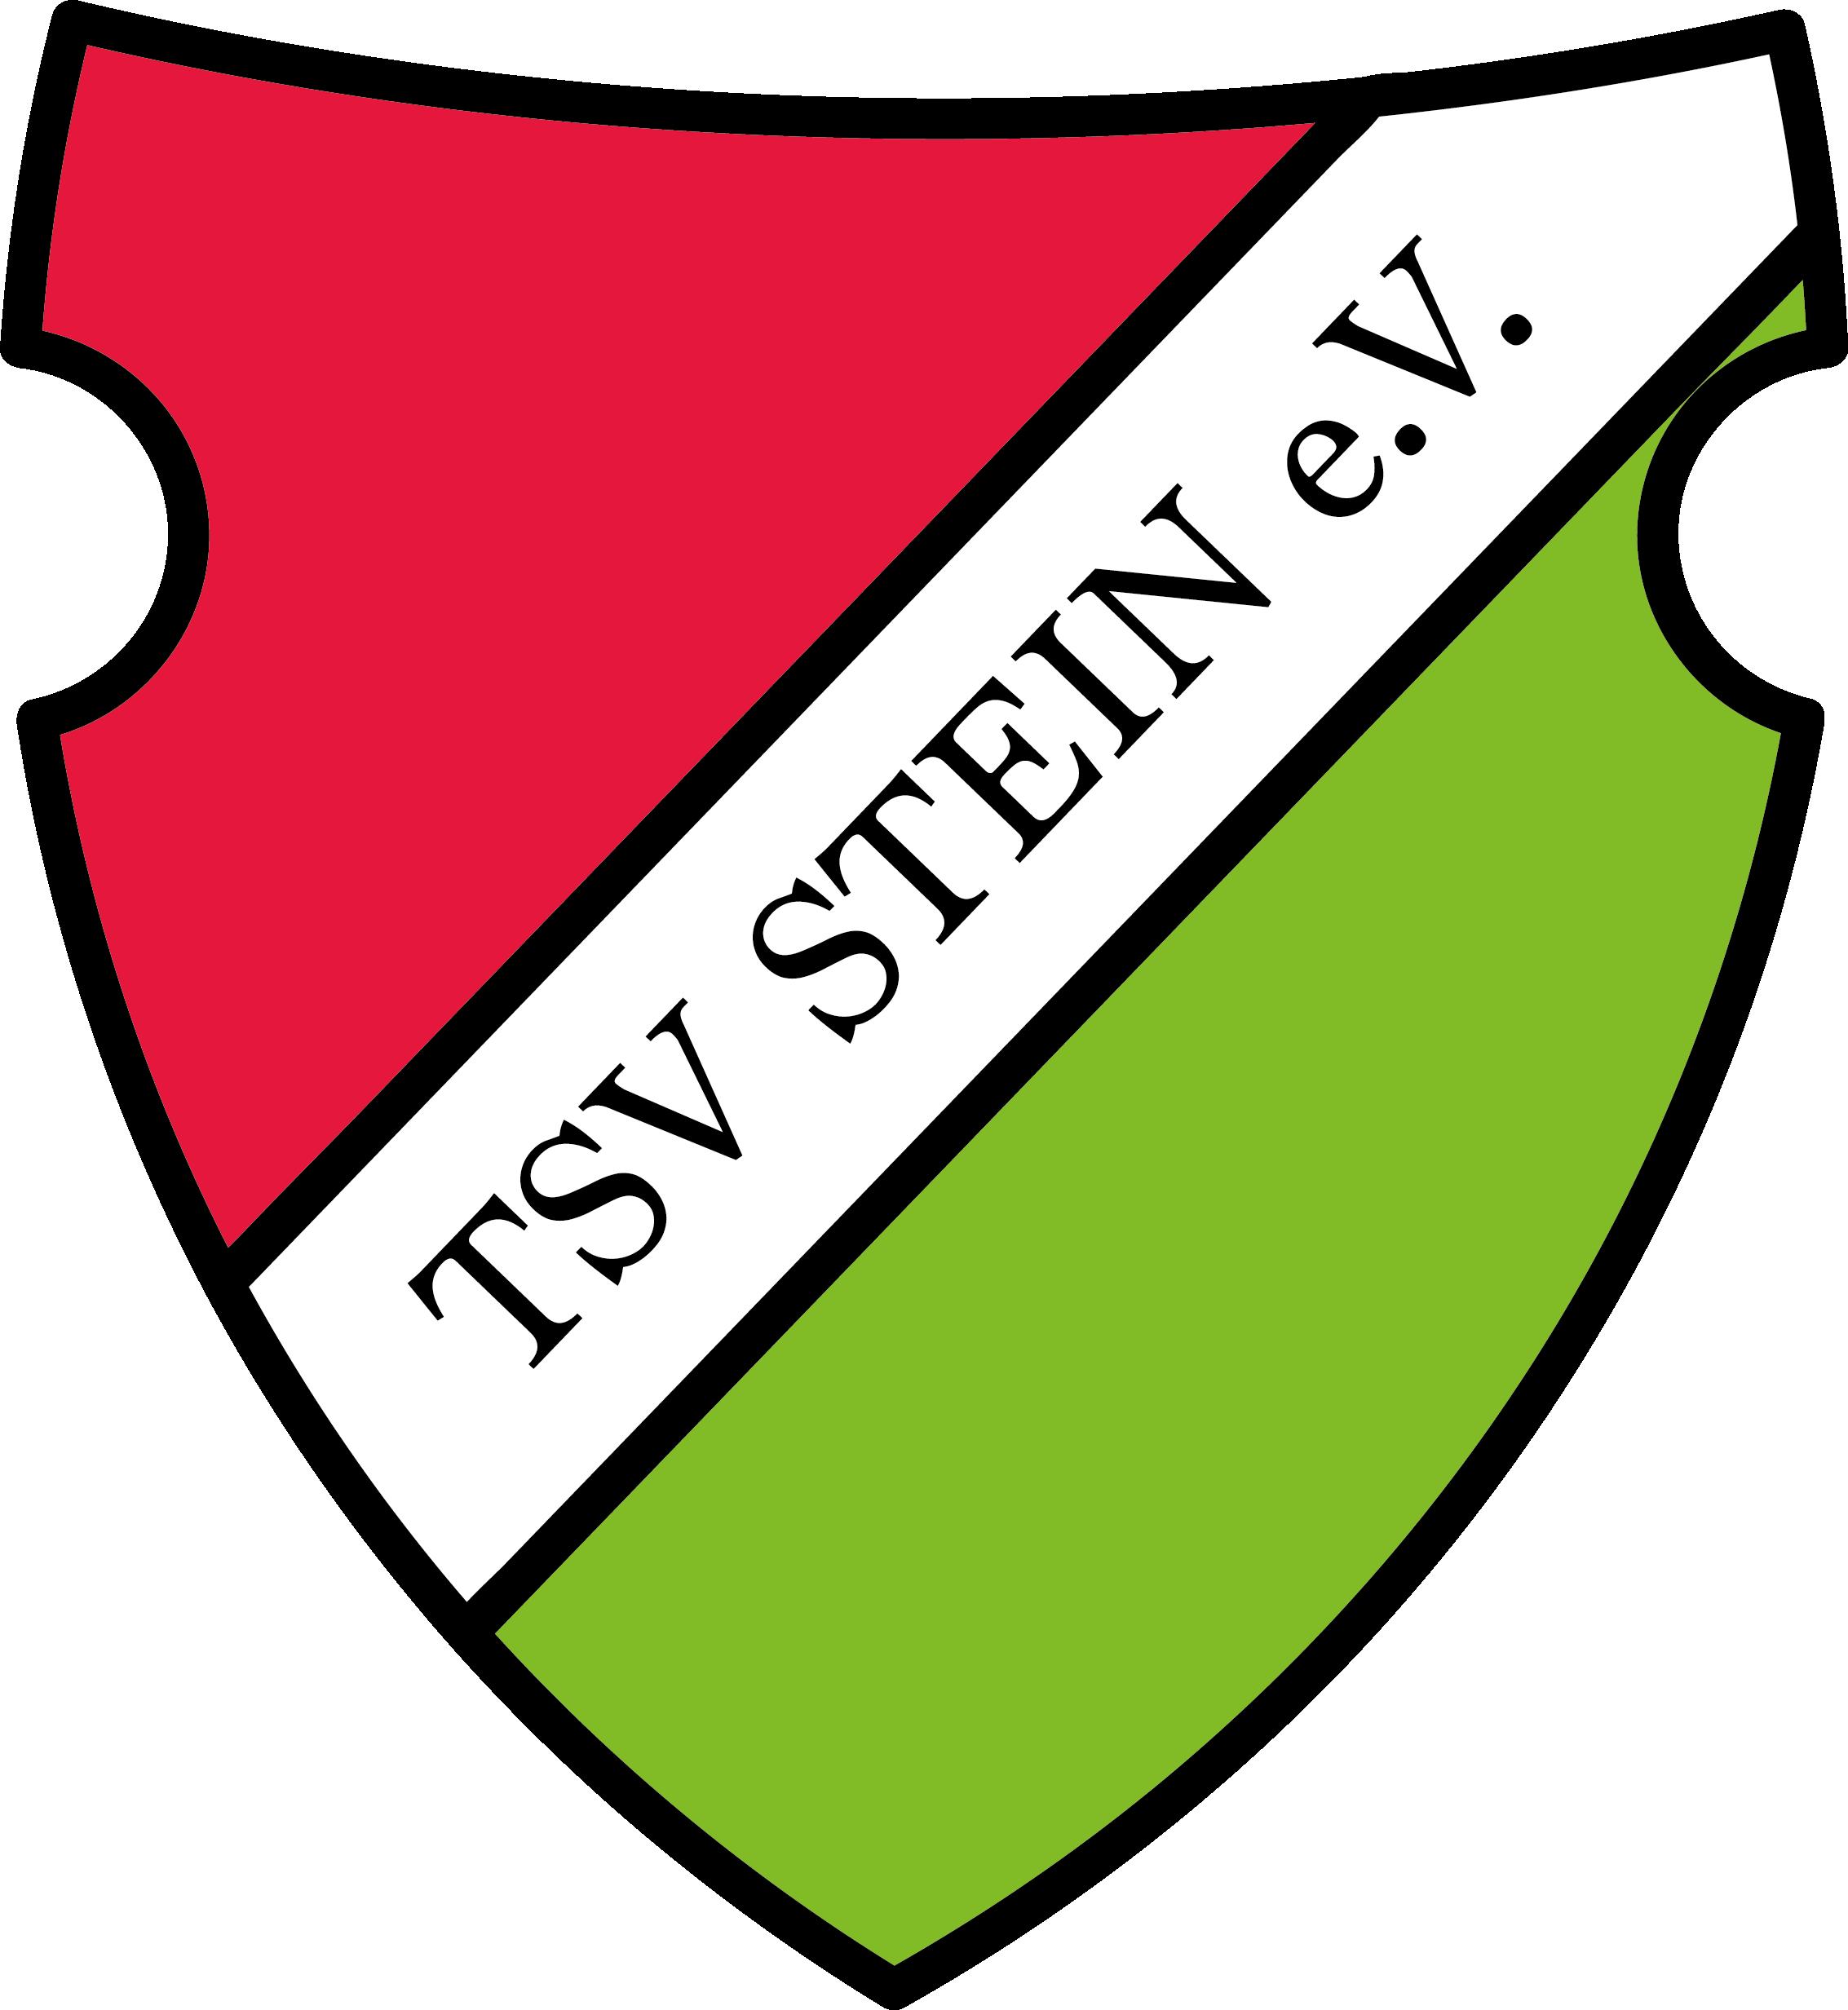 TSV Stein 1923 e.V.